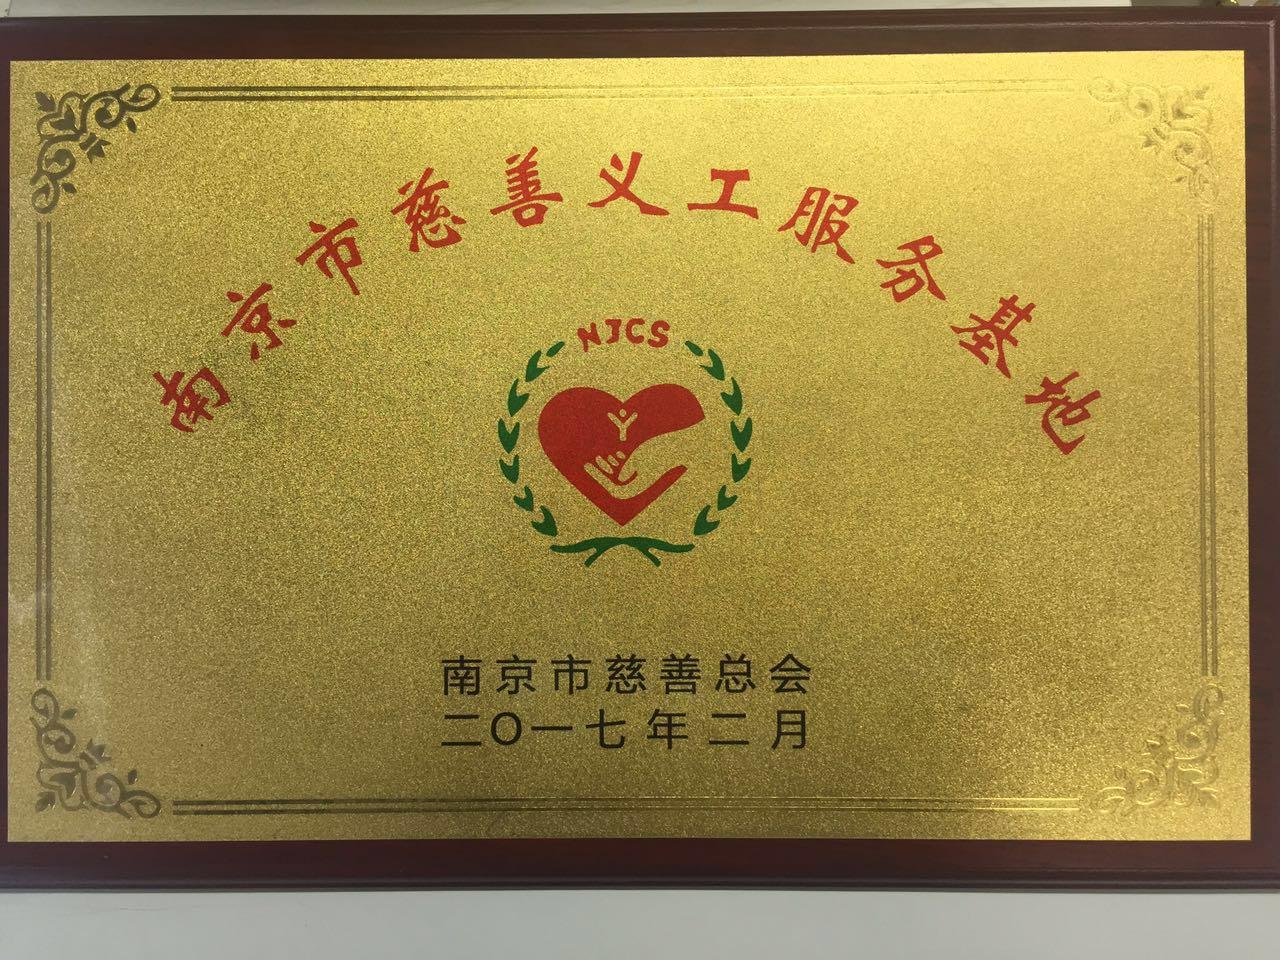 """地铁南京站被授予为""""南京市慈善义工服务基地"""""""